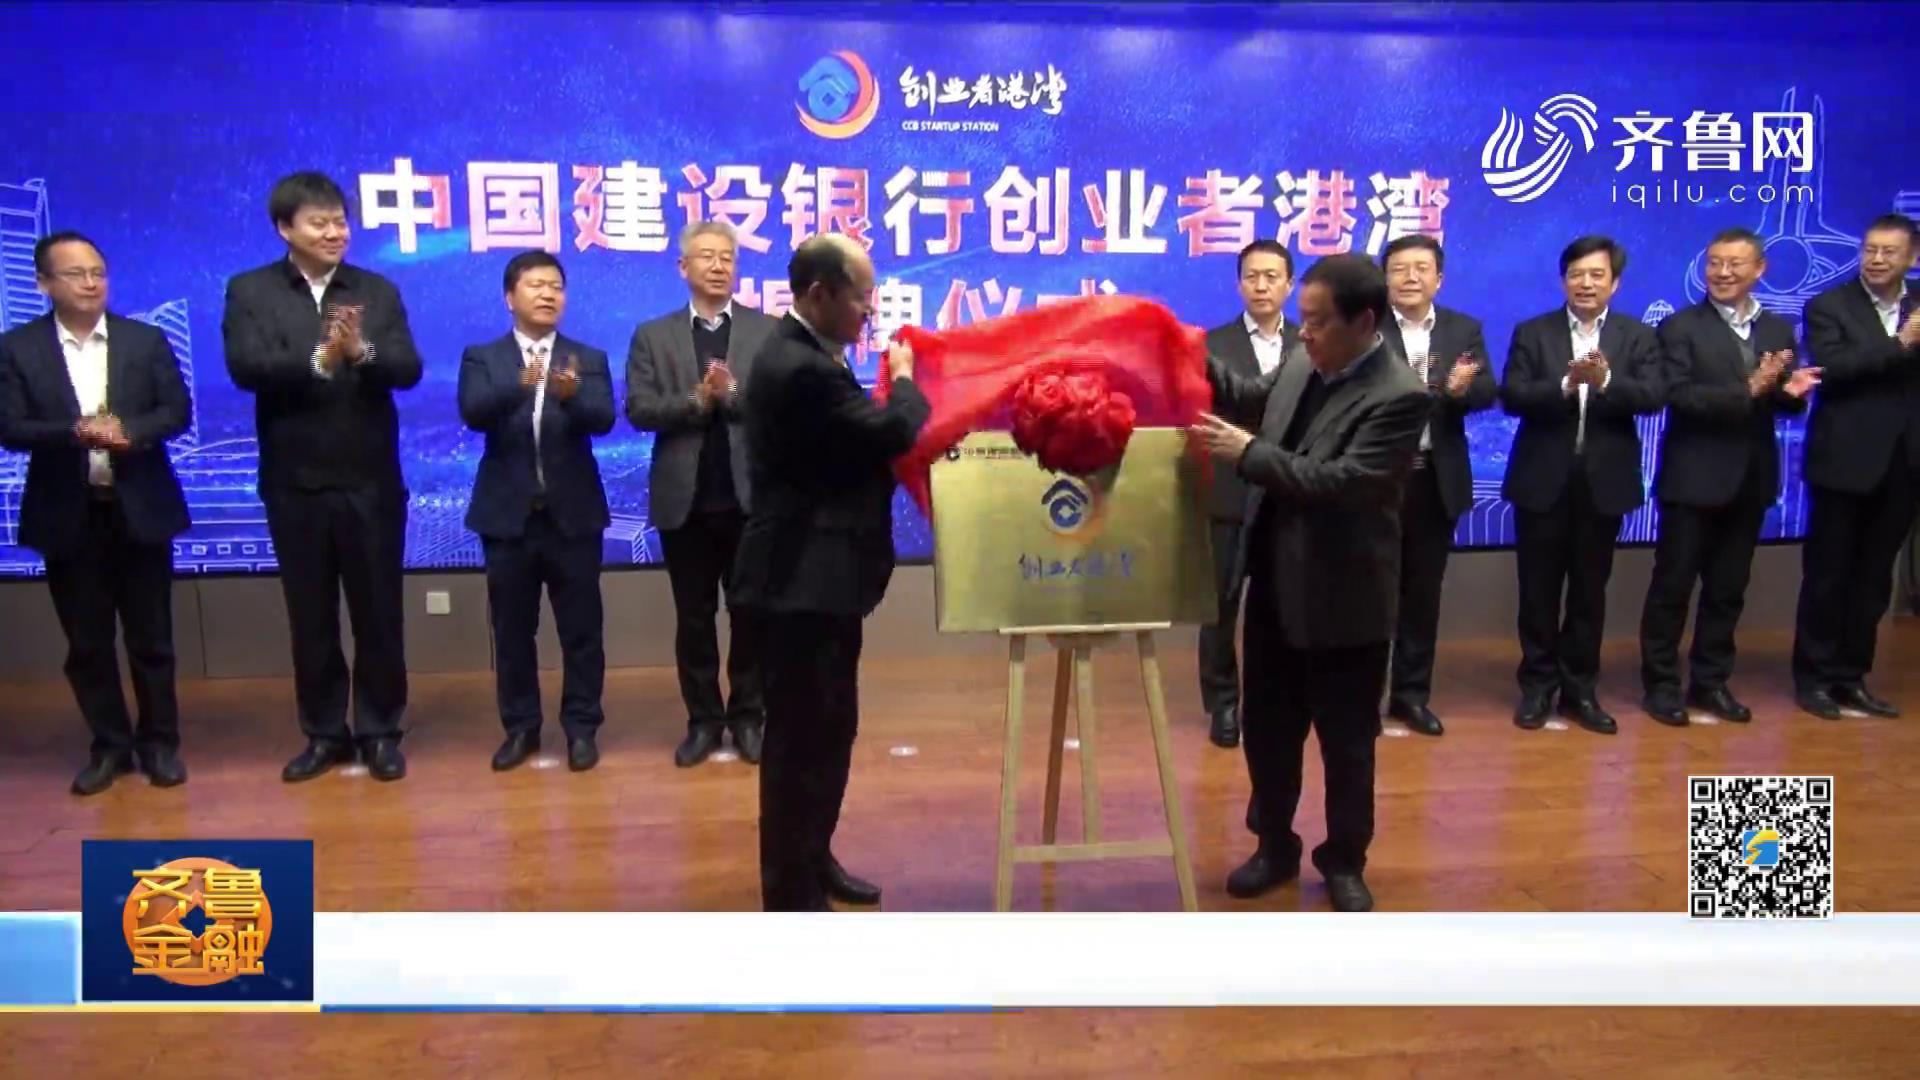 济南:中国建设银行创业者港湾成立《齐鲁金融》20201216播出